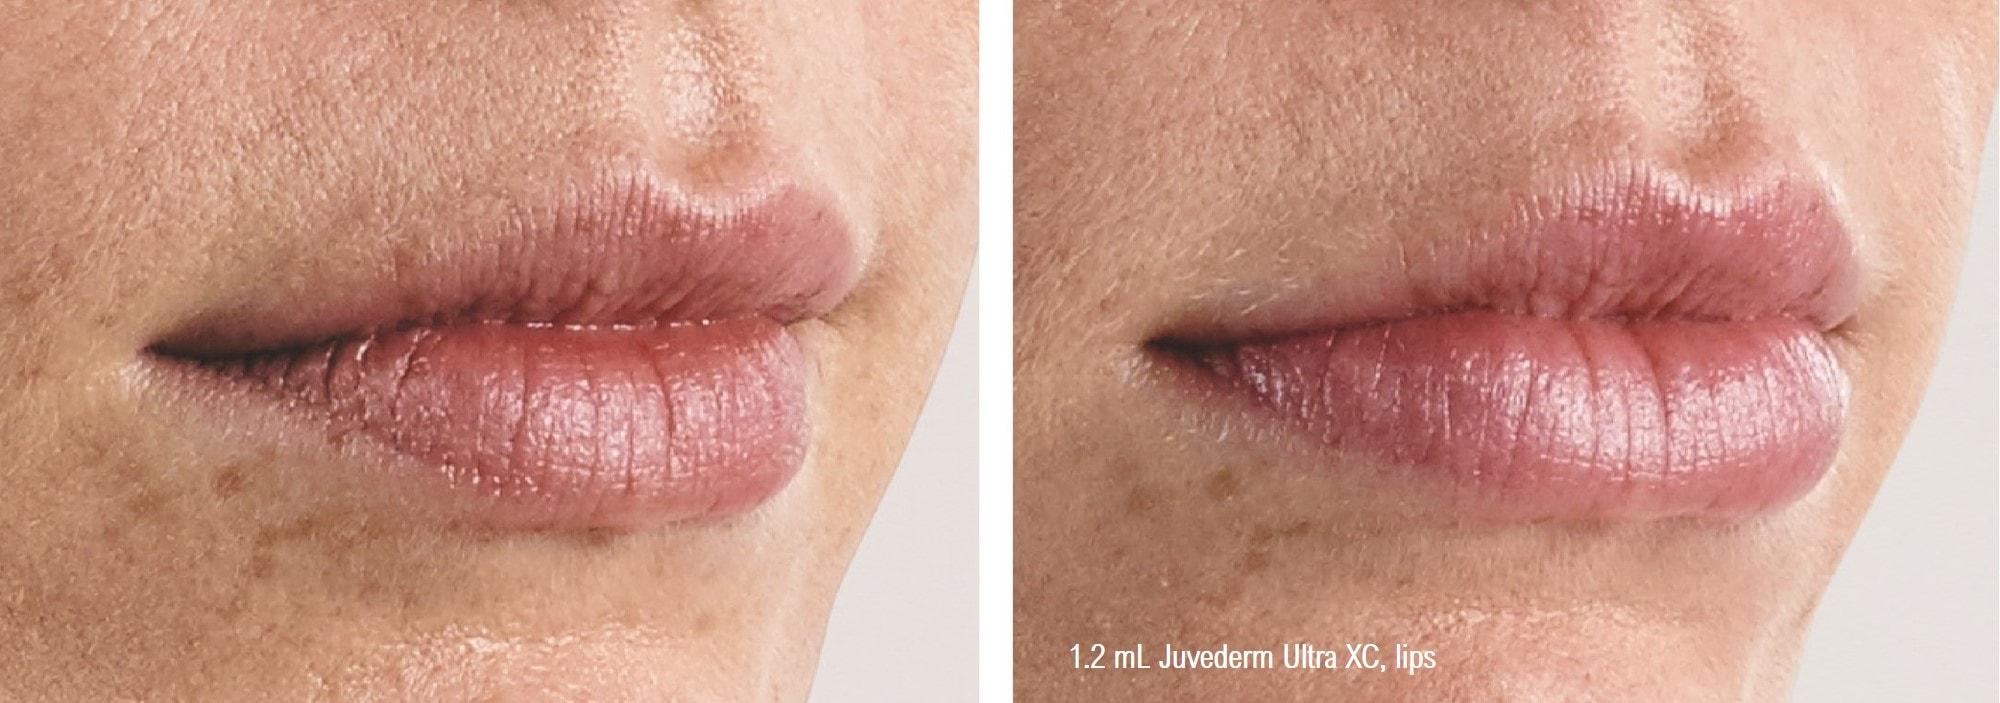 juvederm-ultra-xc-lip-filler-closeup-min.jpg